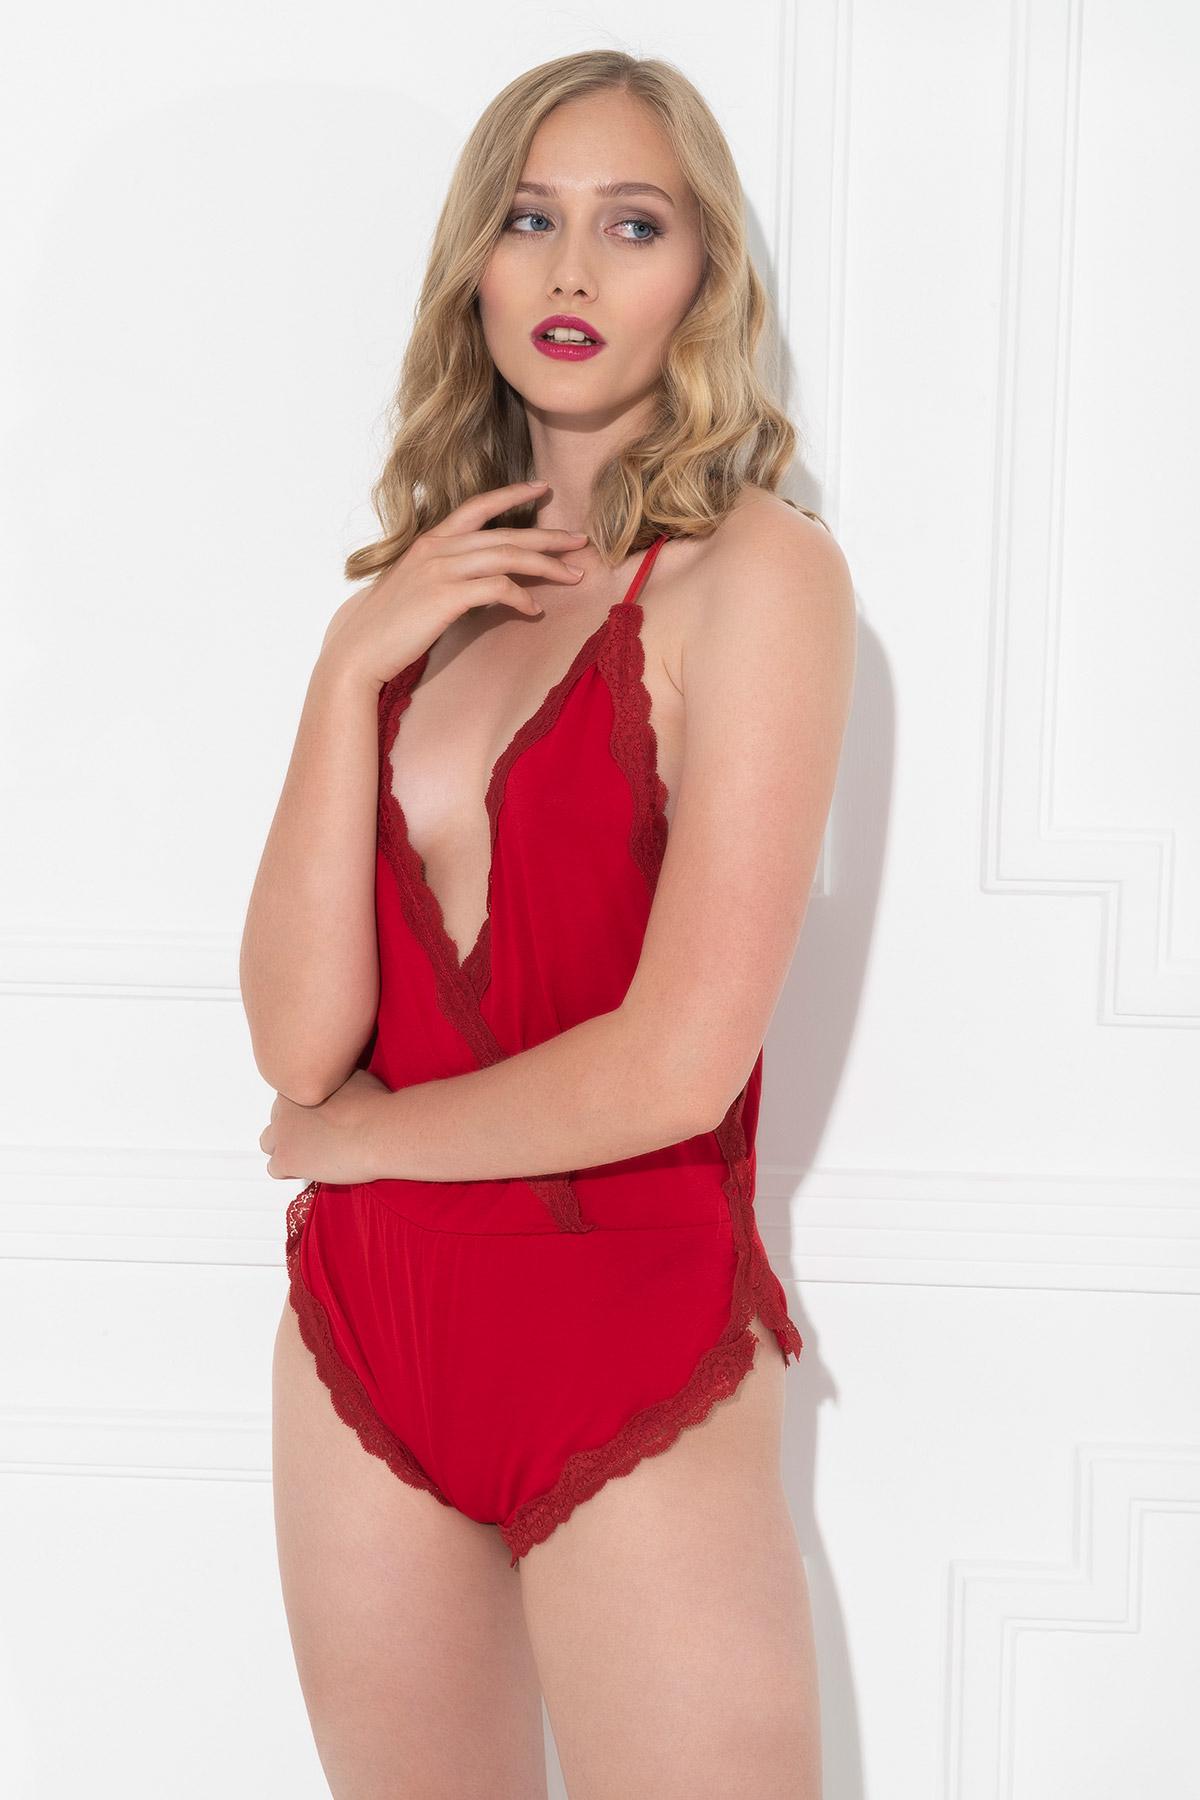 MiteLove Mite Love Kadın Pijama Kırmızı Tulum Gecelik